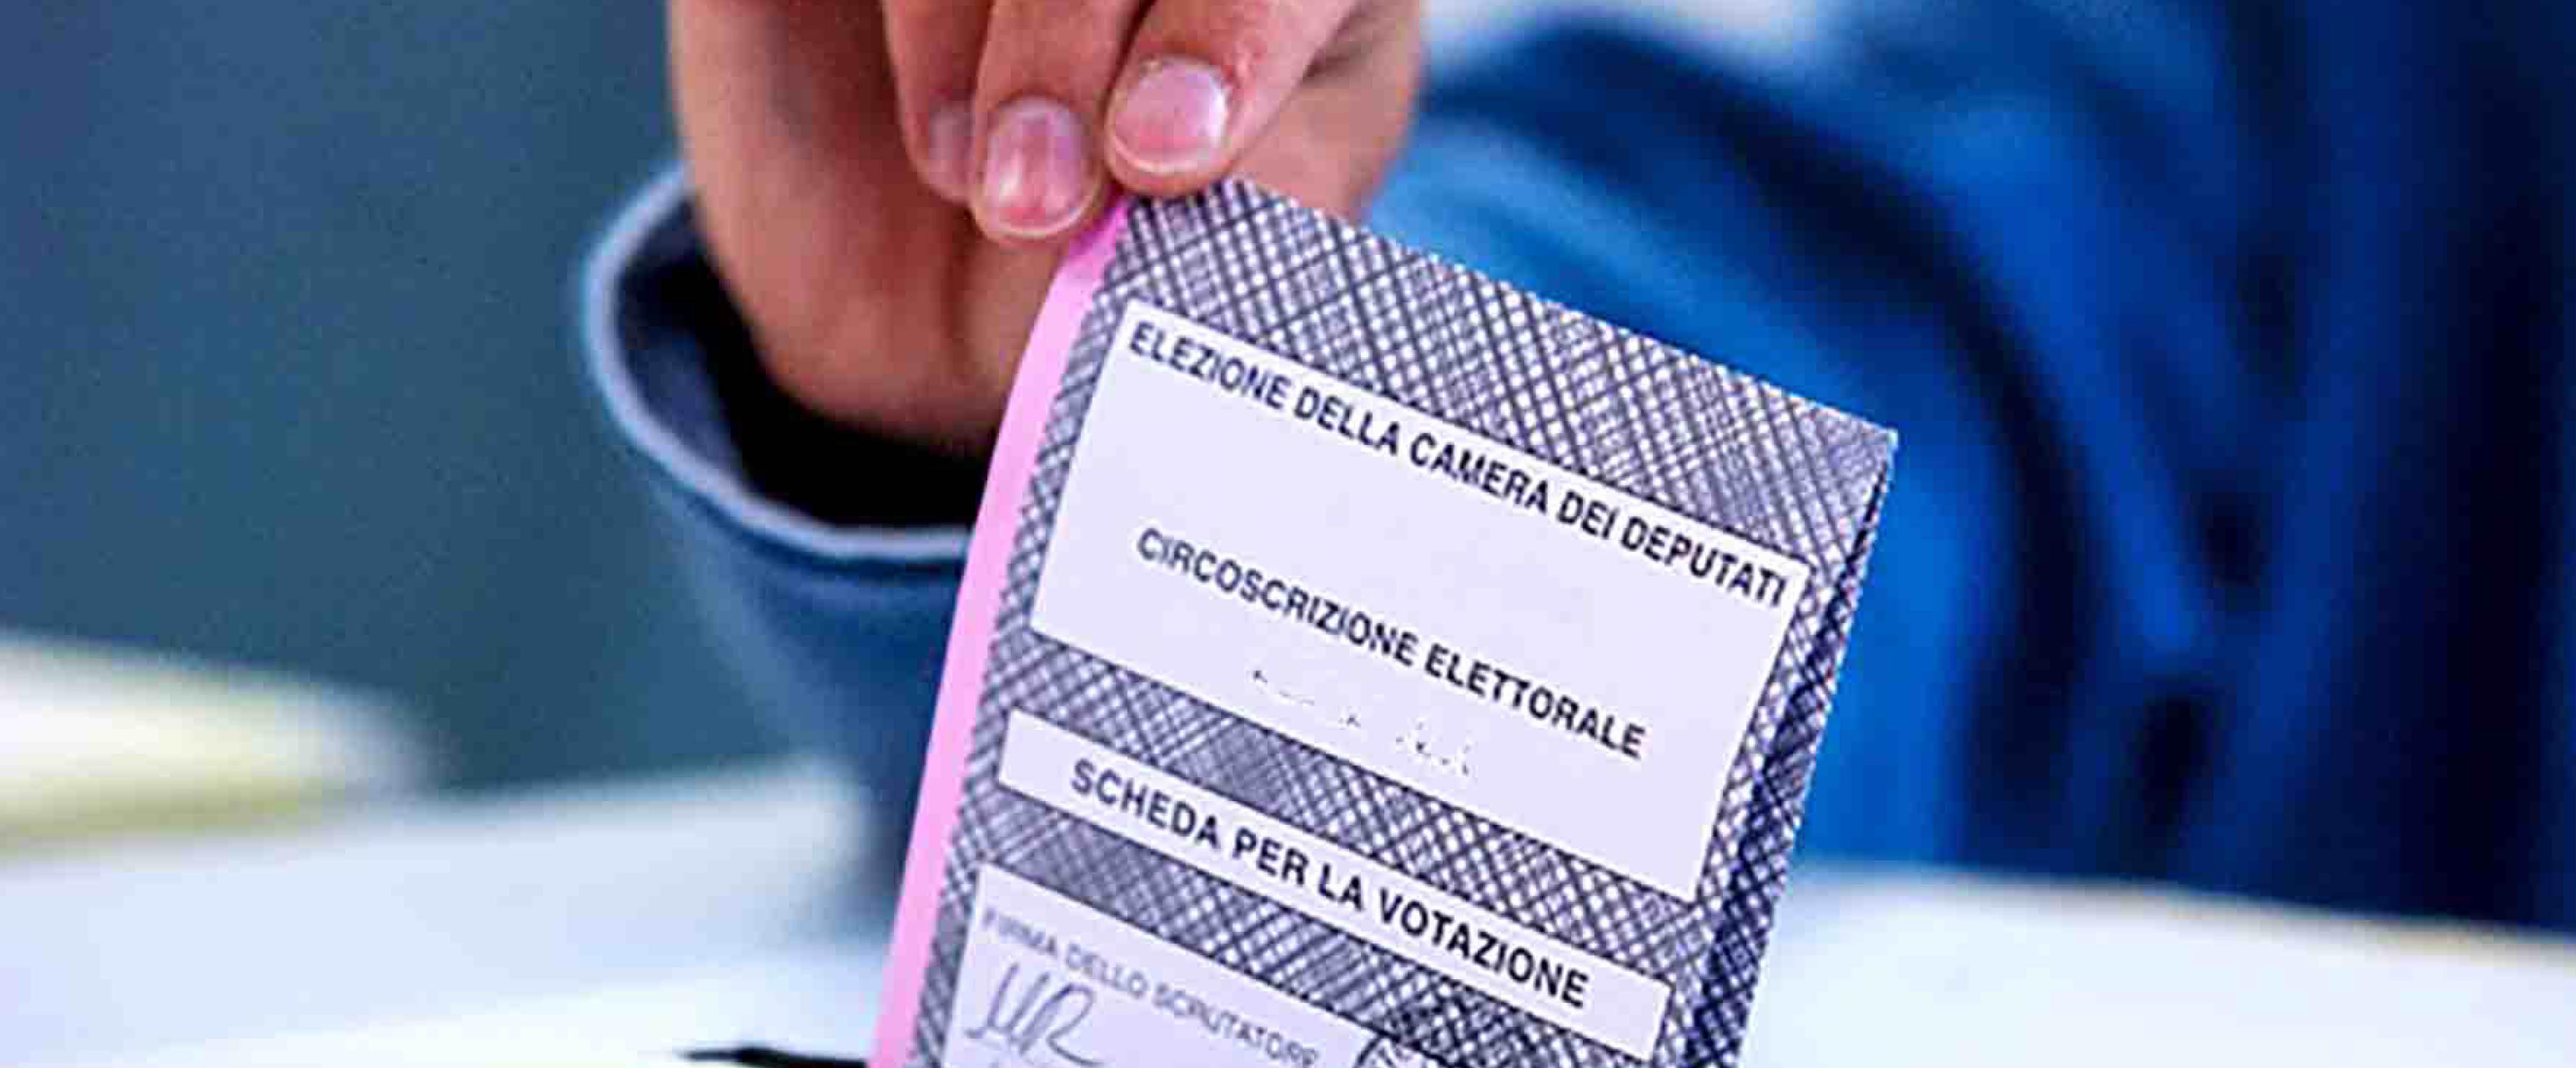 La nuova legge elettorale